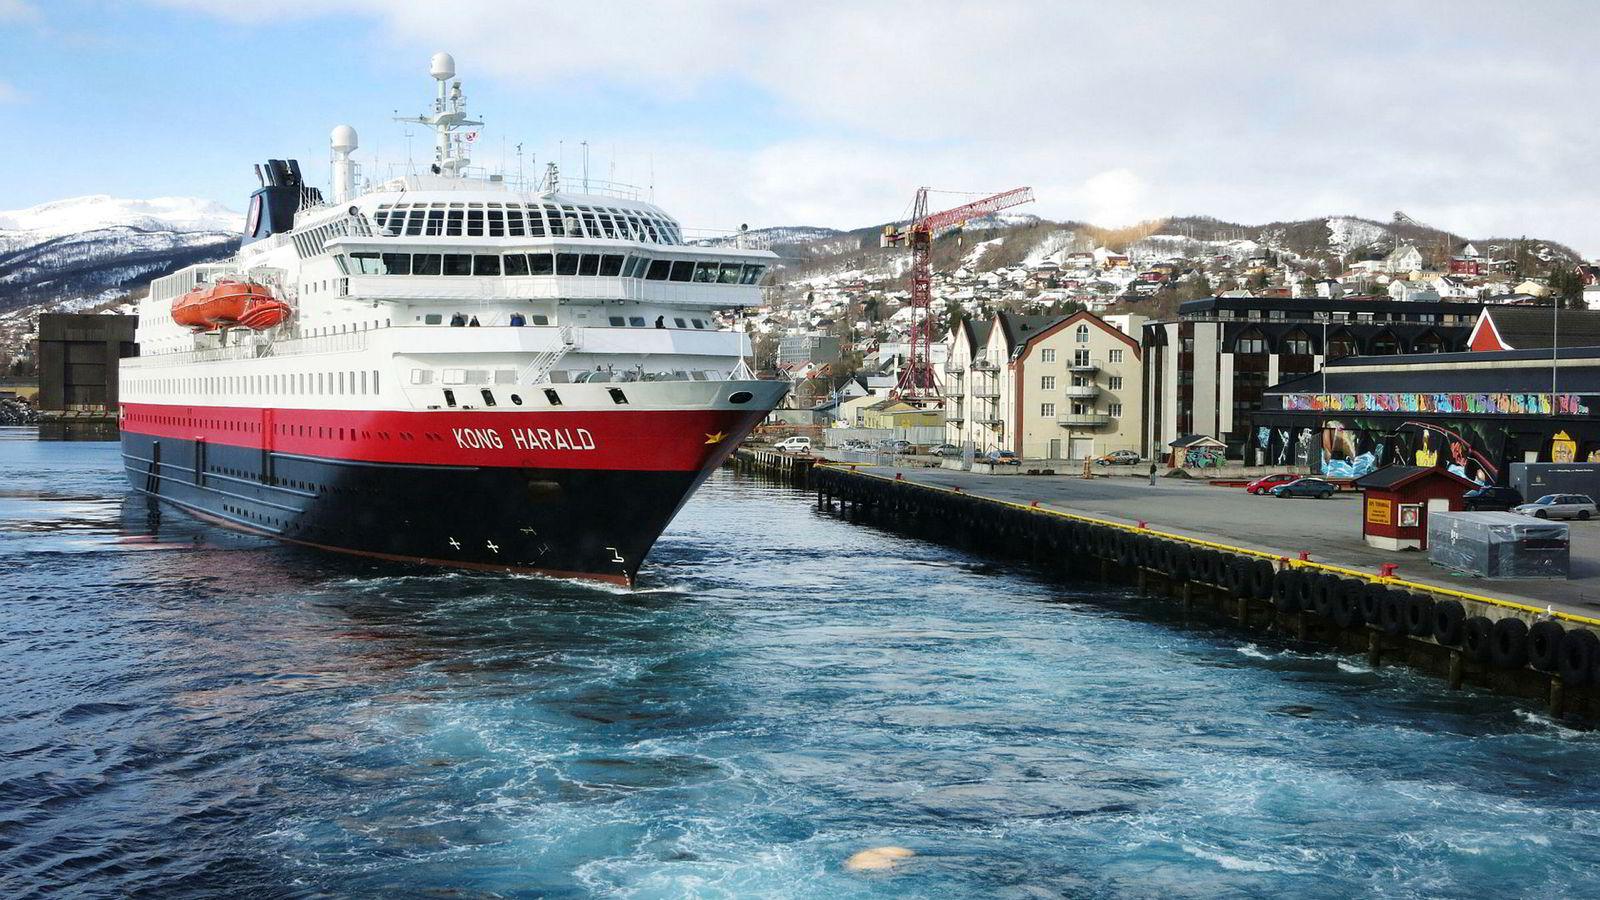 Hurtigruten er skuffet over dommen til lagmannsretten. Norsk Havneforening er imidlertid uenige med Hurtigrutens rettslige forståelse av dommen. Avbildet er Hurtigruten Kong Harald som legger til kai i Harstad.